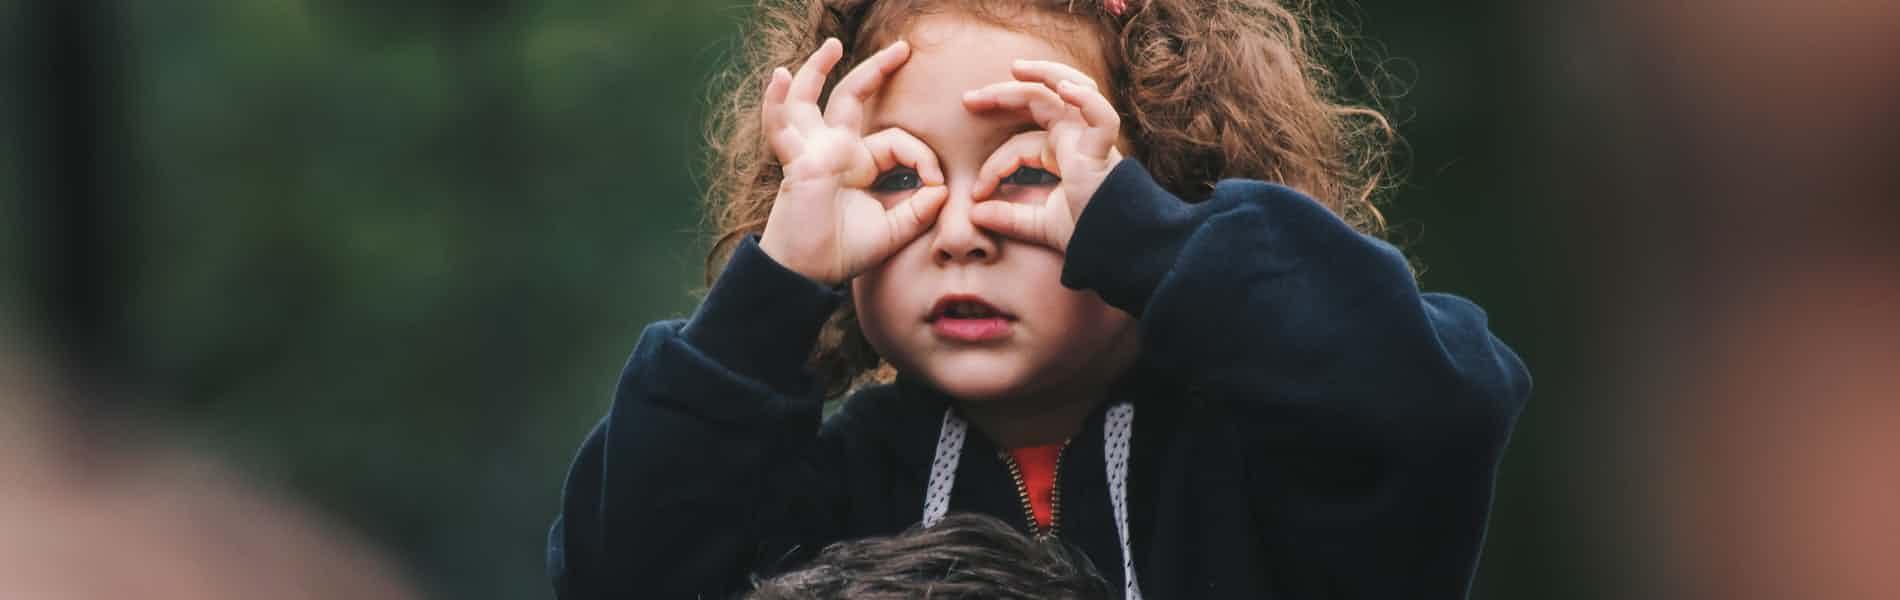 התקשרות מוקדמת ודפוסי תפקוד וקשר בילדות - נועה מנדלס